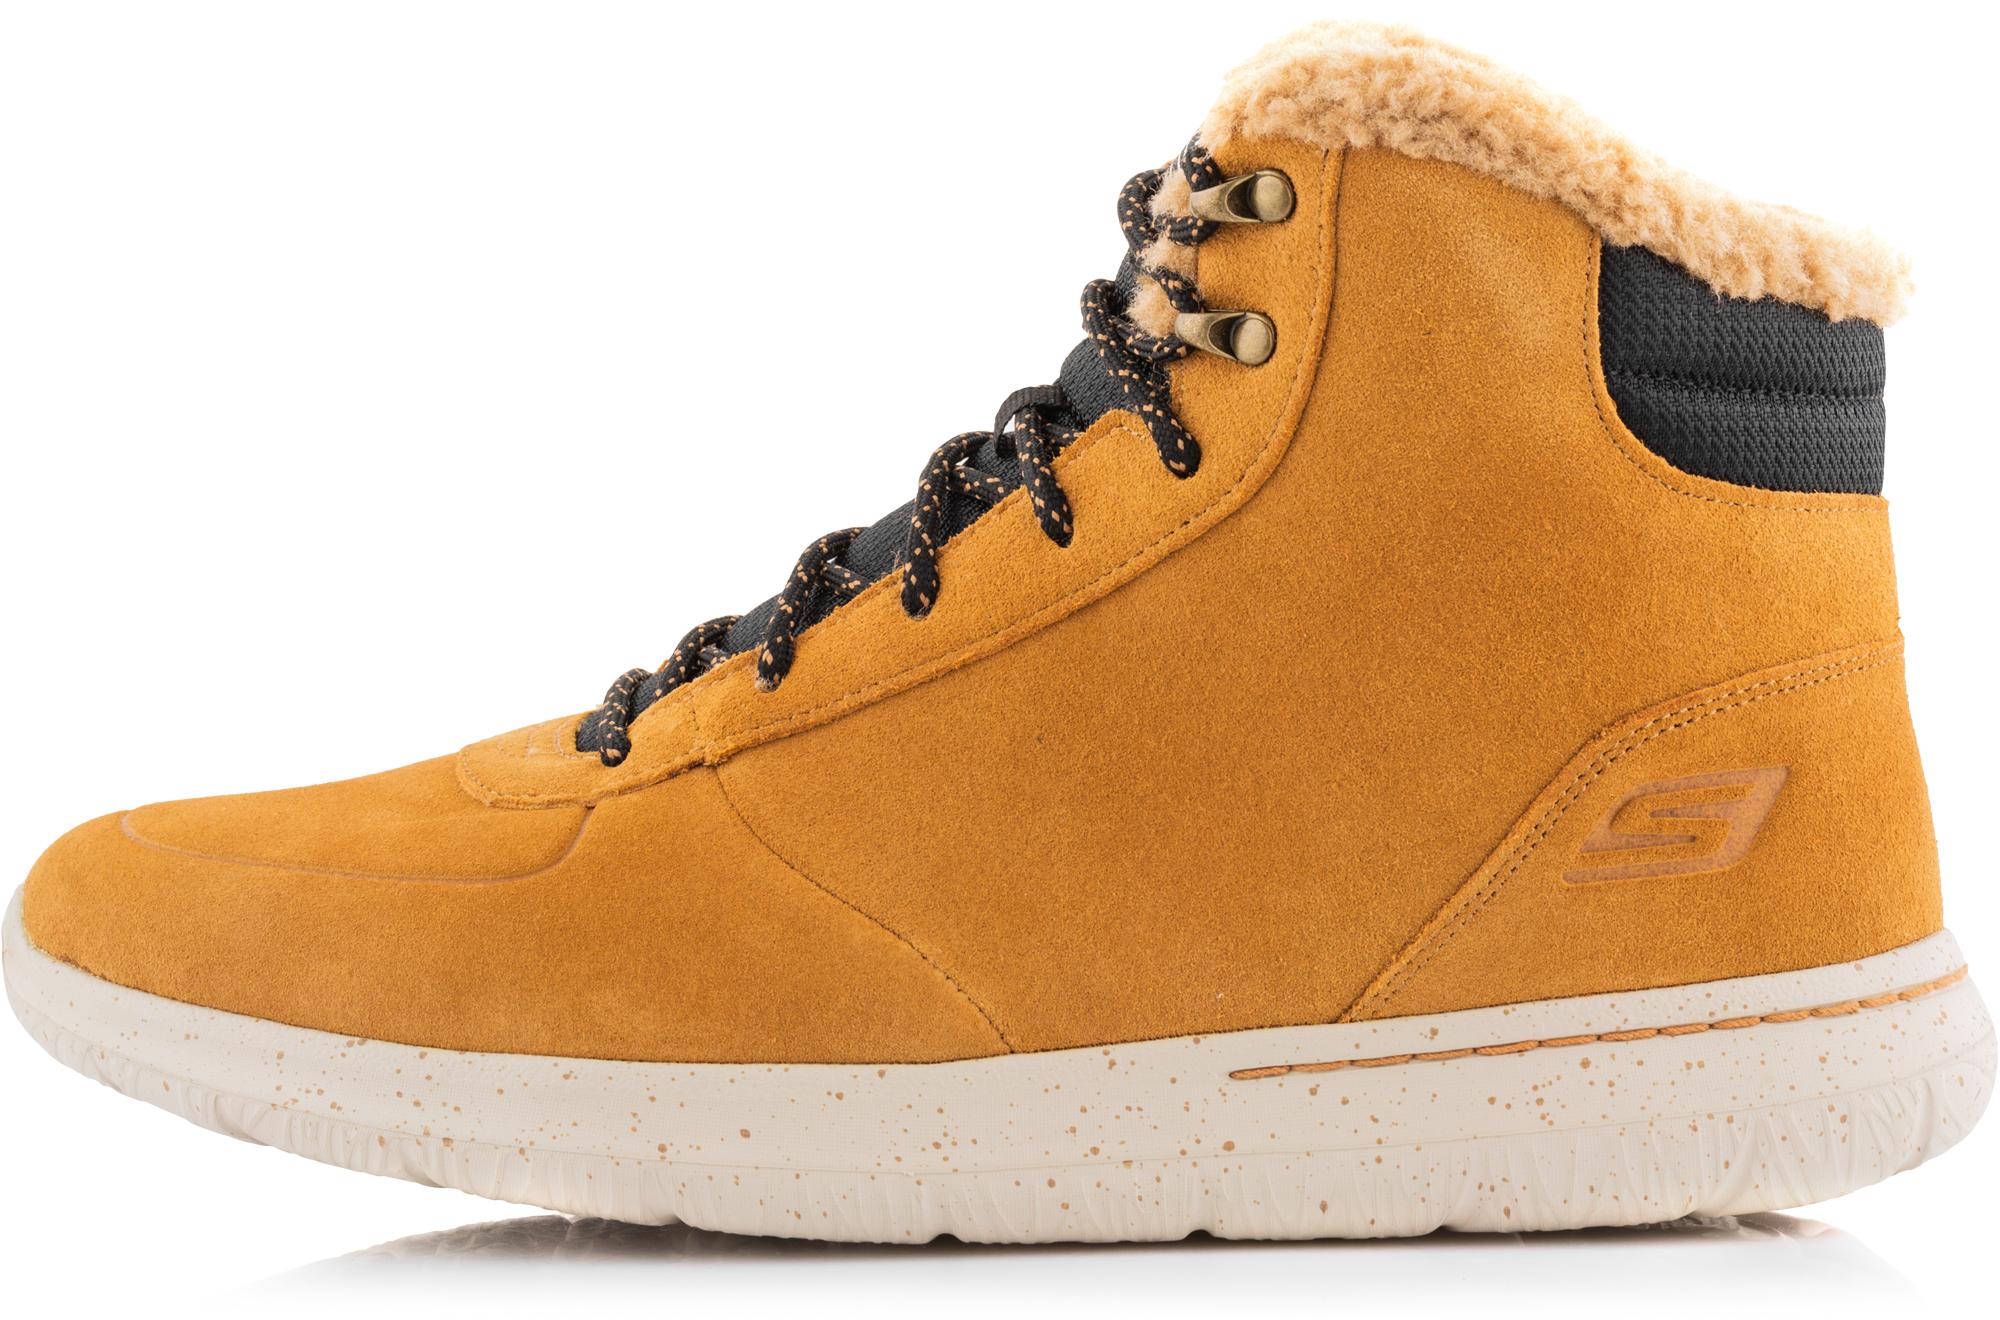 Skechers Ботинки утепленные мужские Go Walk City-Sierra, размер 46